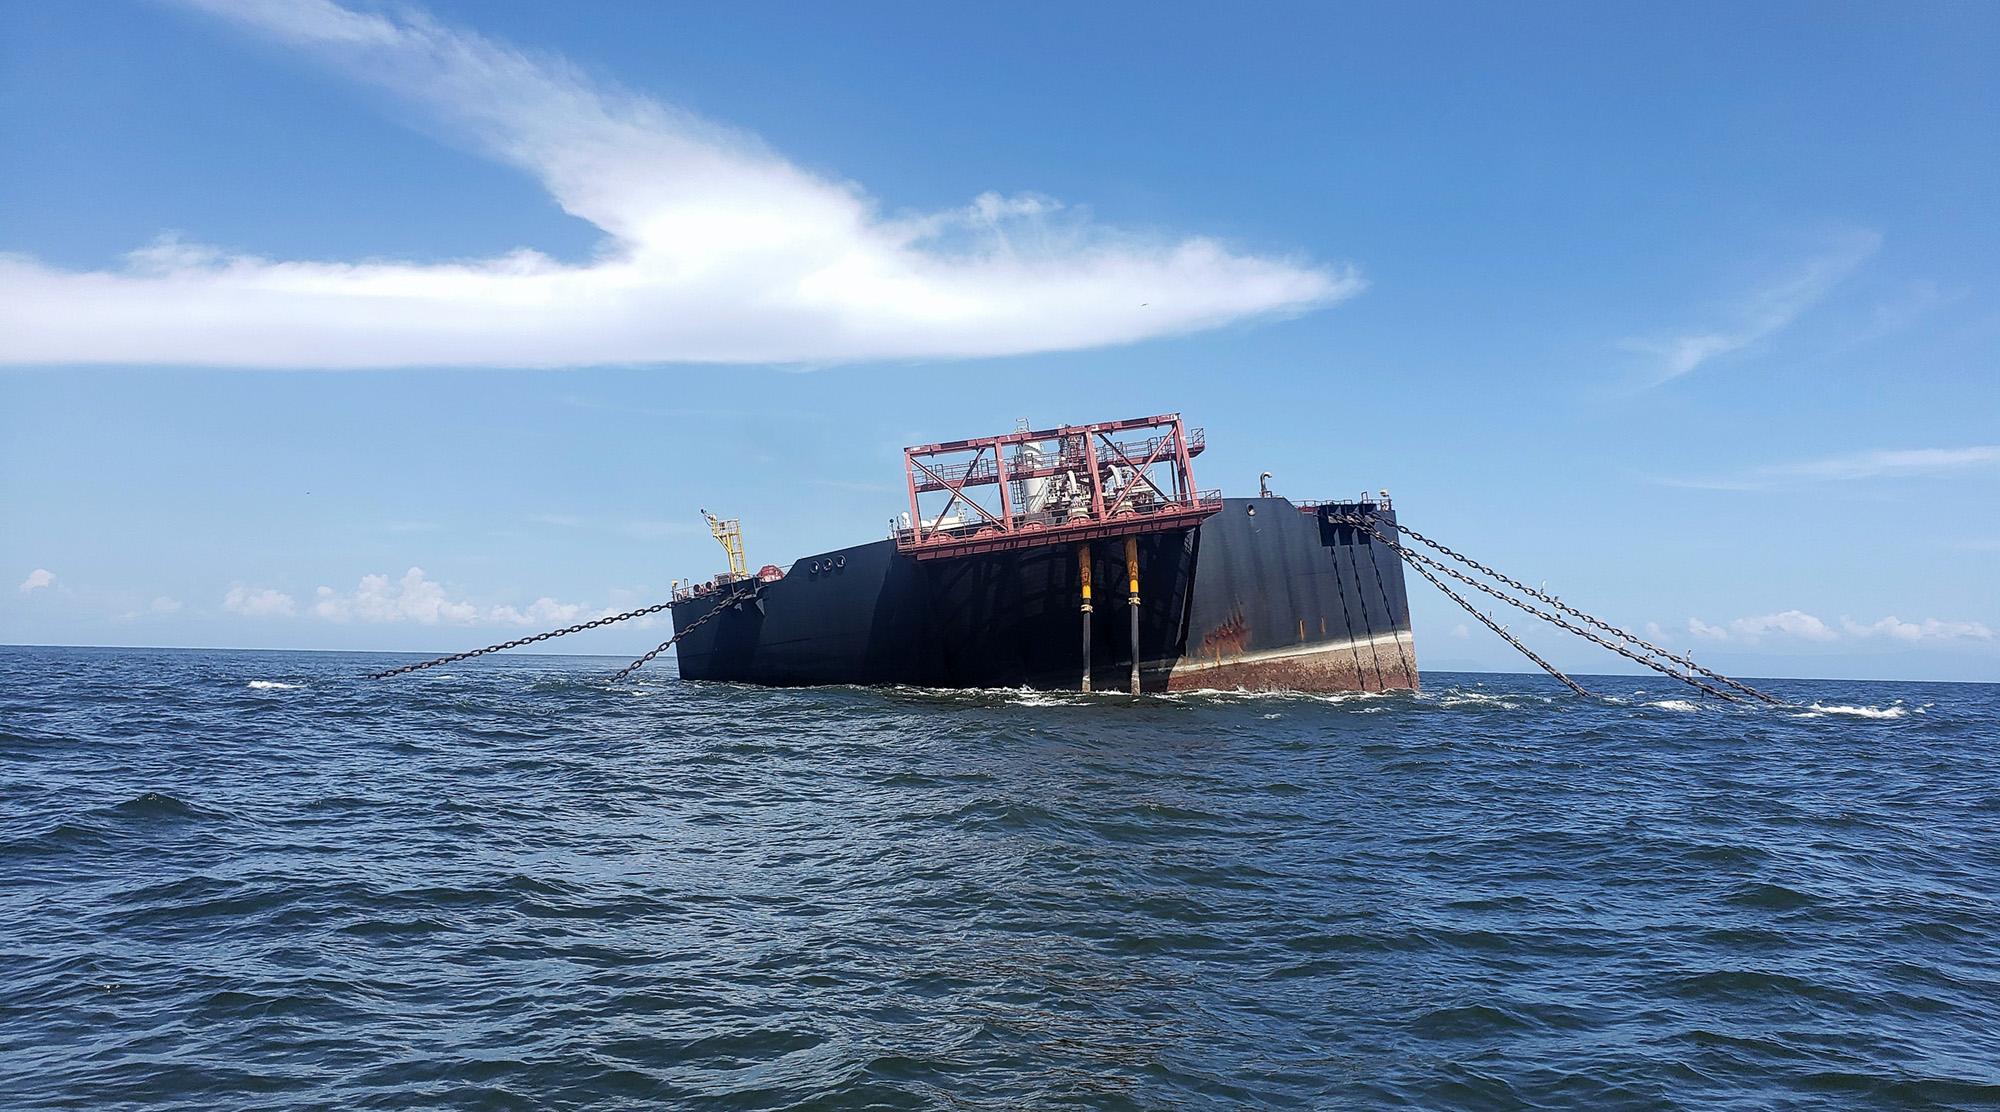 Tilting Boat Threatens Massive Oil Spill in Caribbean